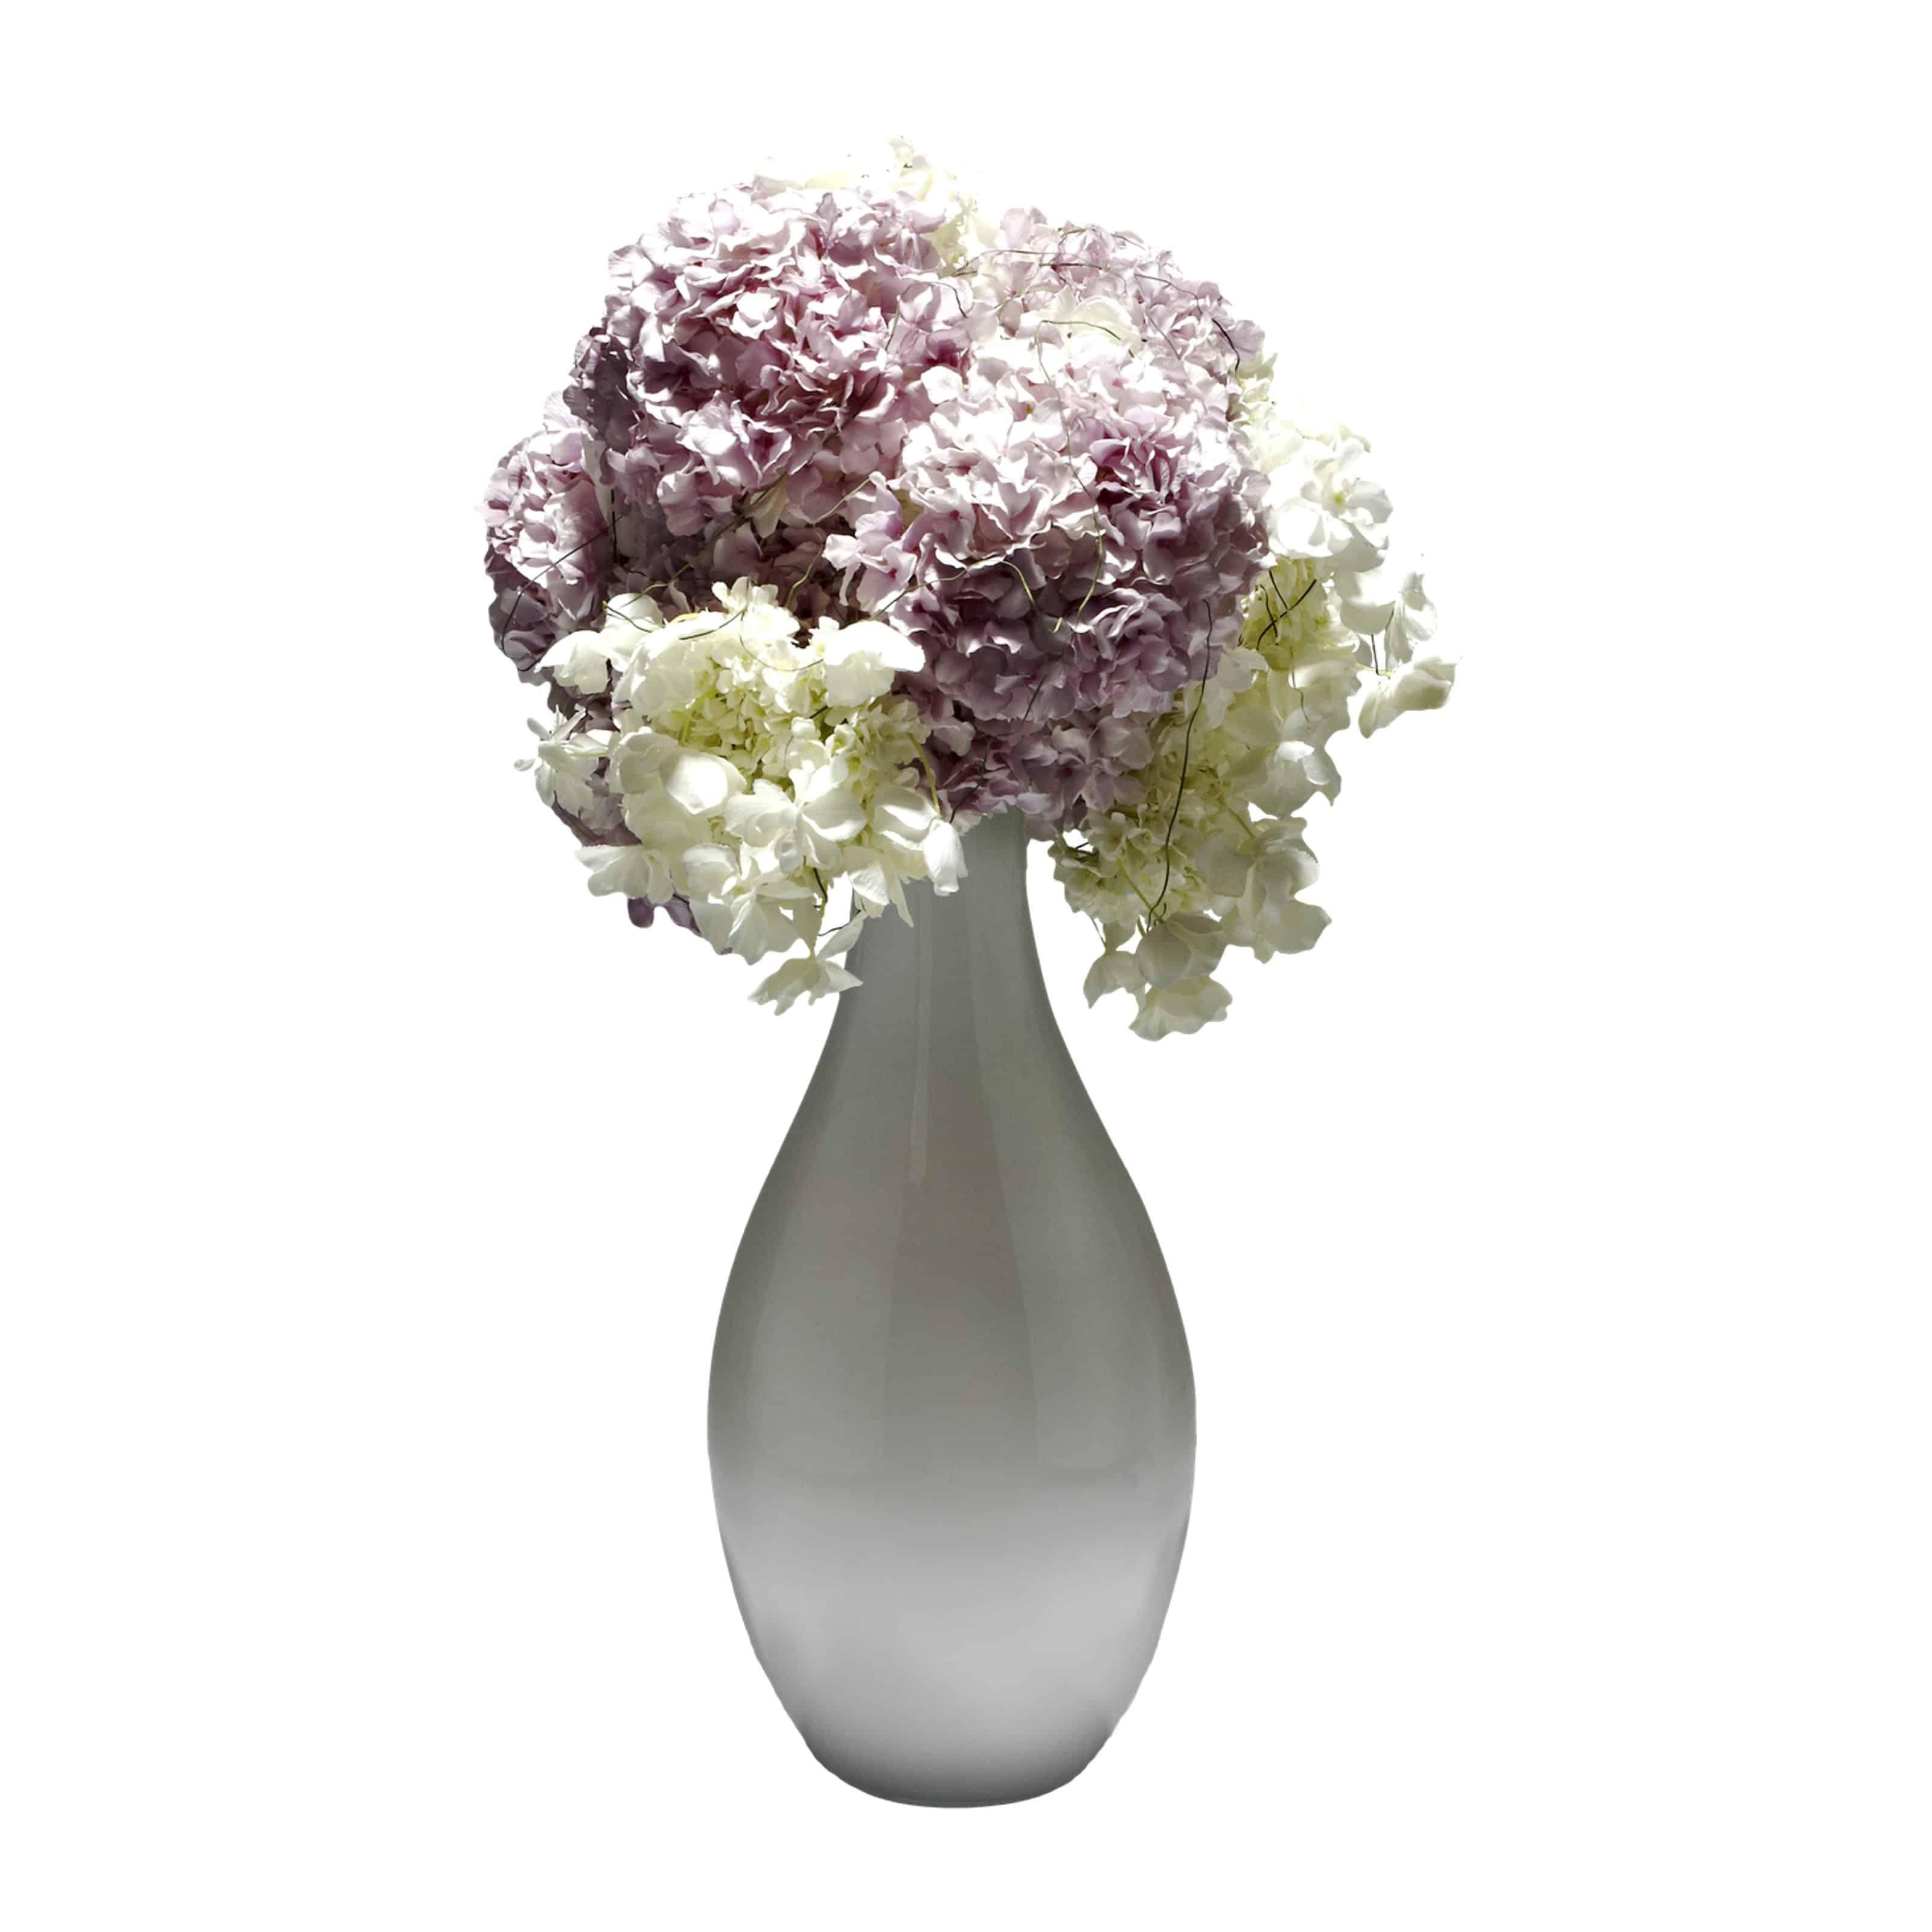 Pink & White Hydrangea Artificial Flower Arrangement White Bottle Vase